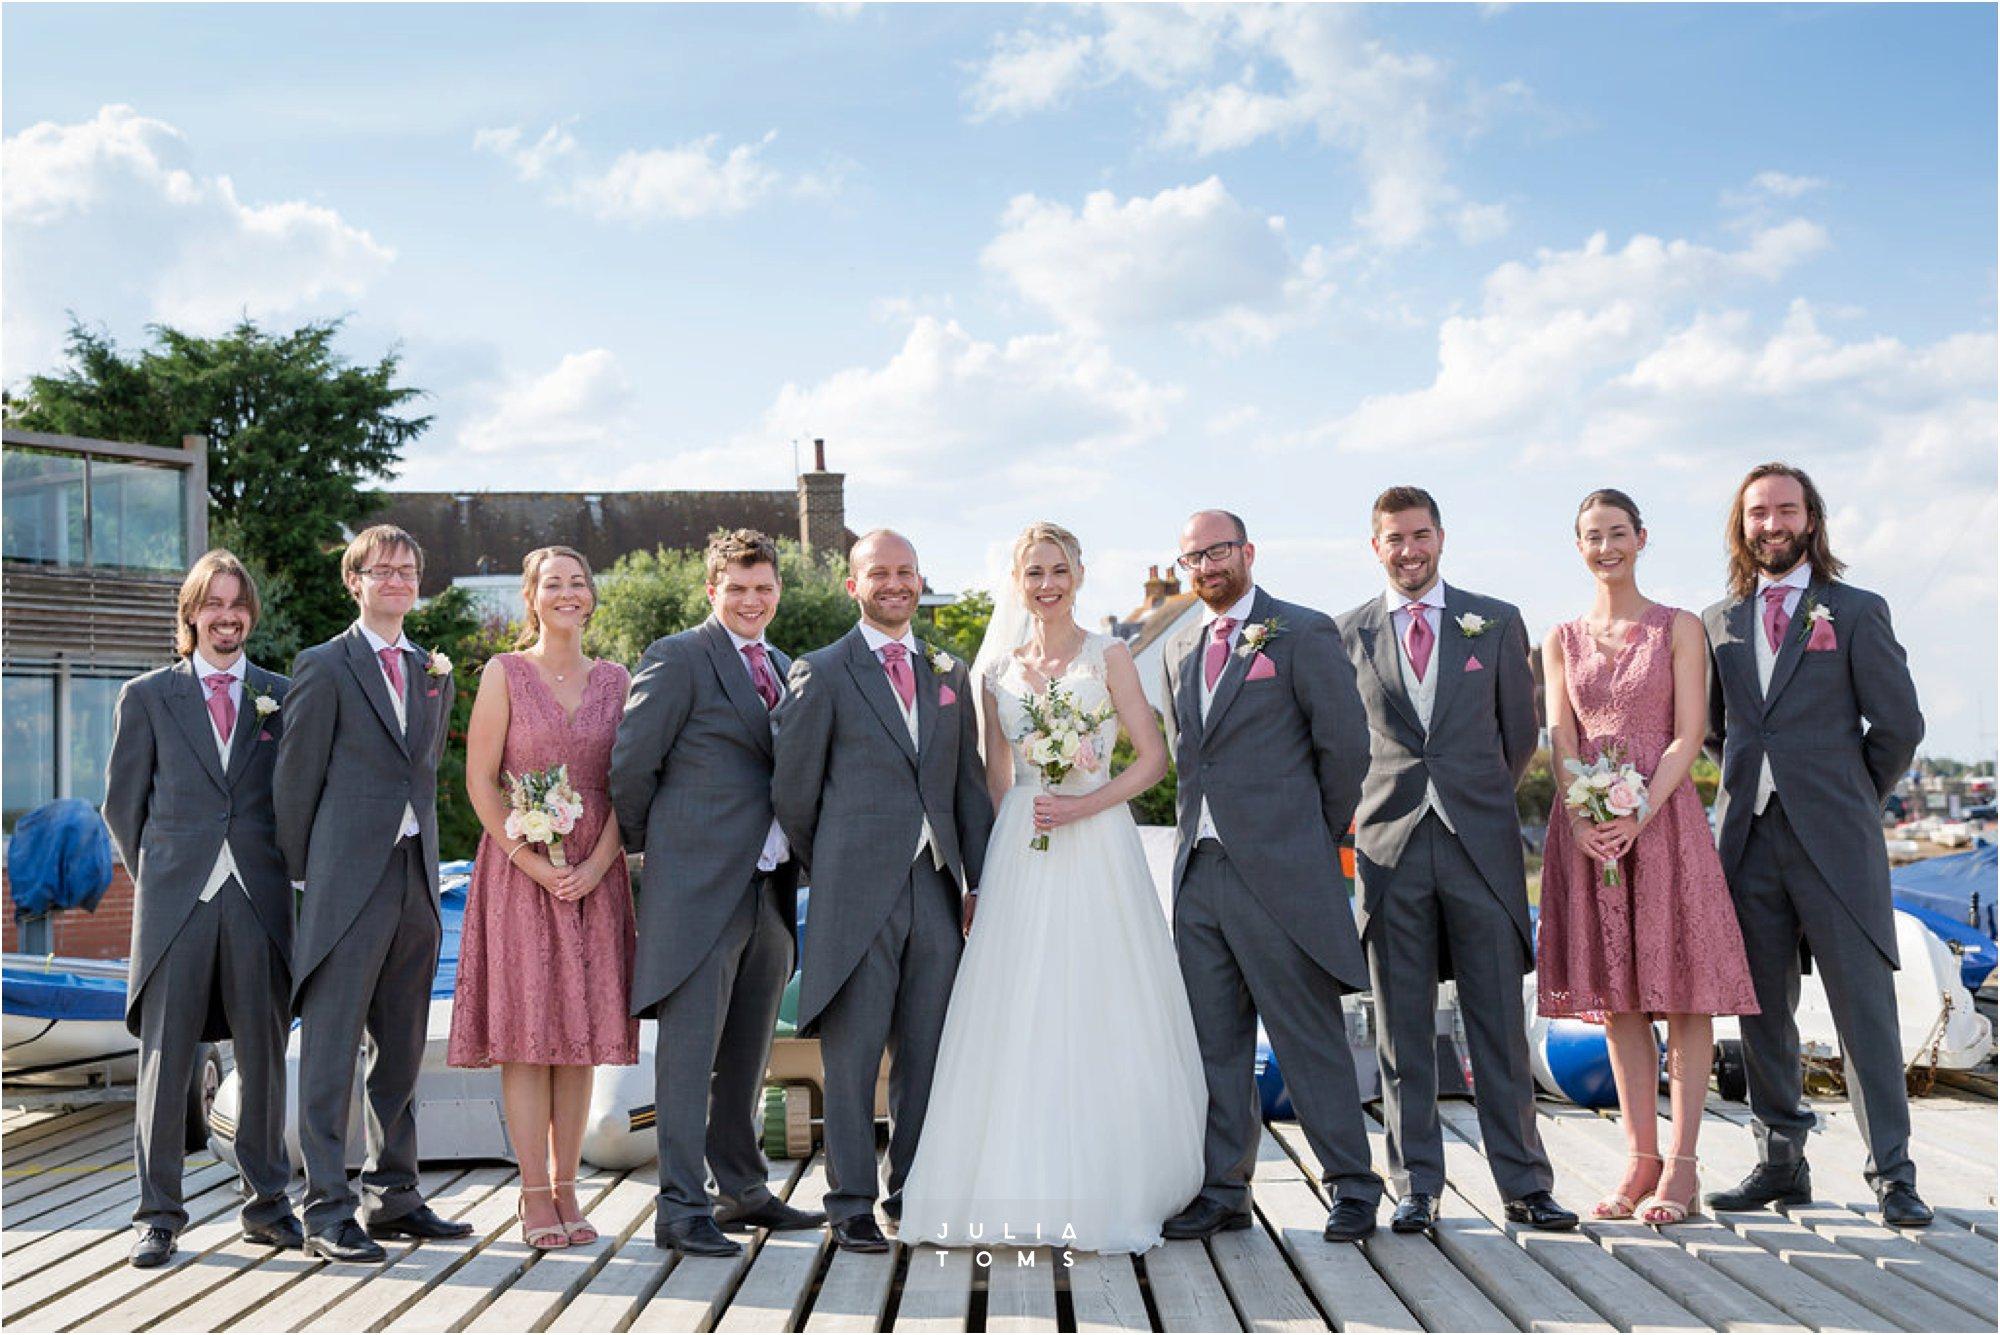 itchenor_wedding_chichester_photographer_065.jpg